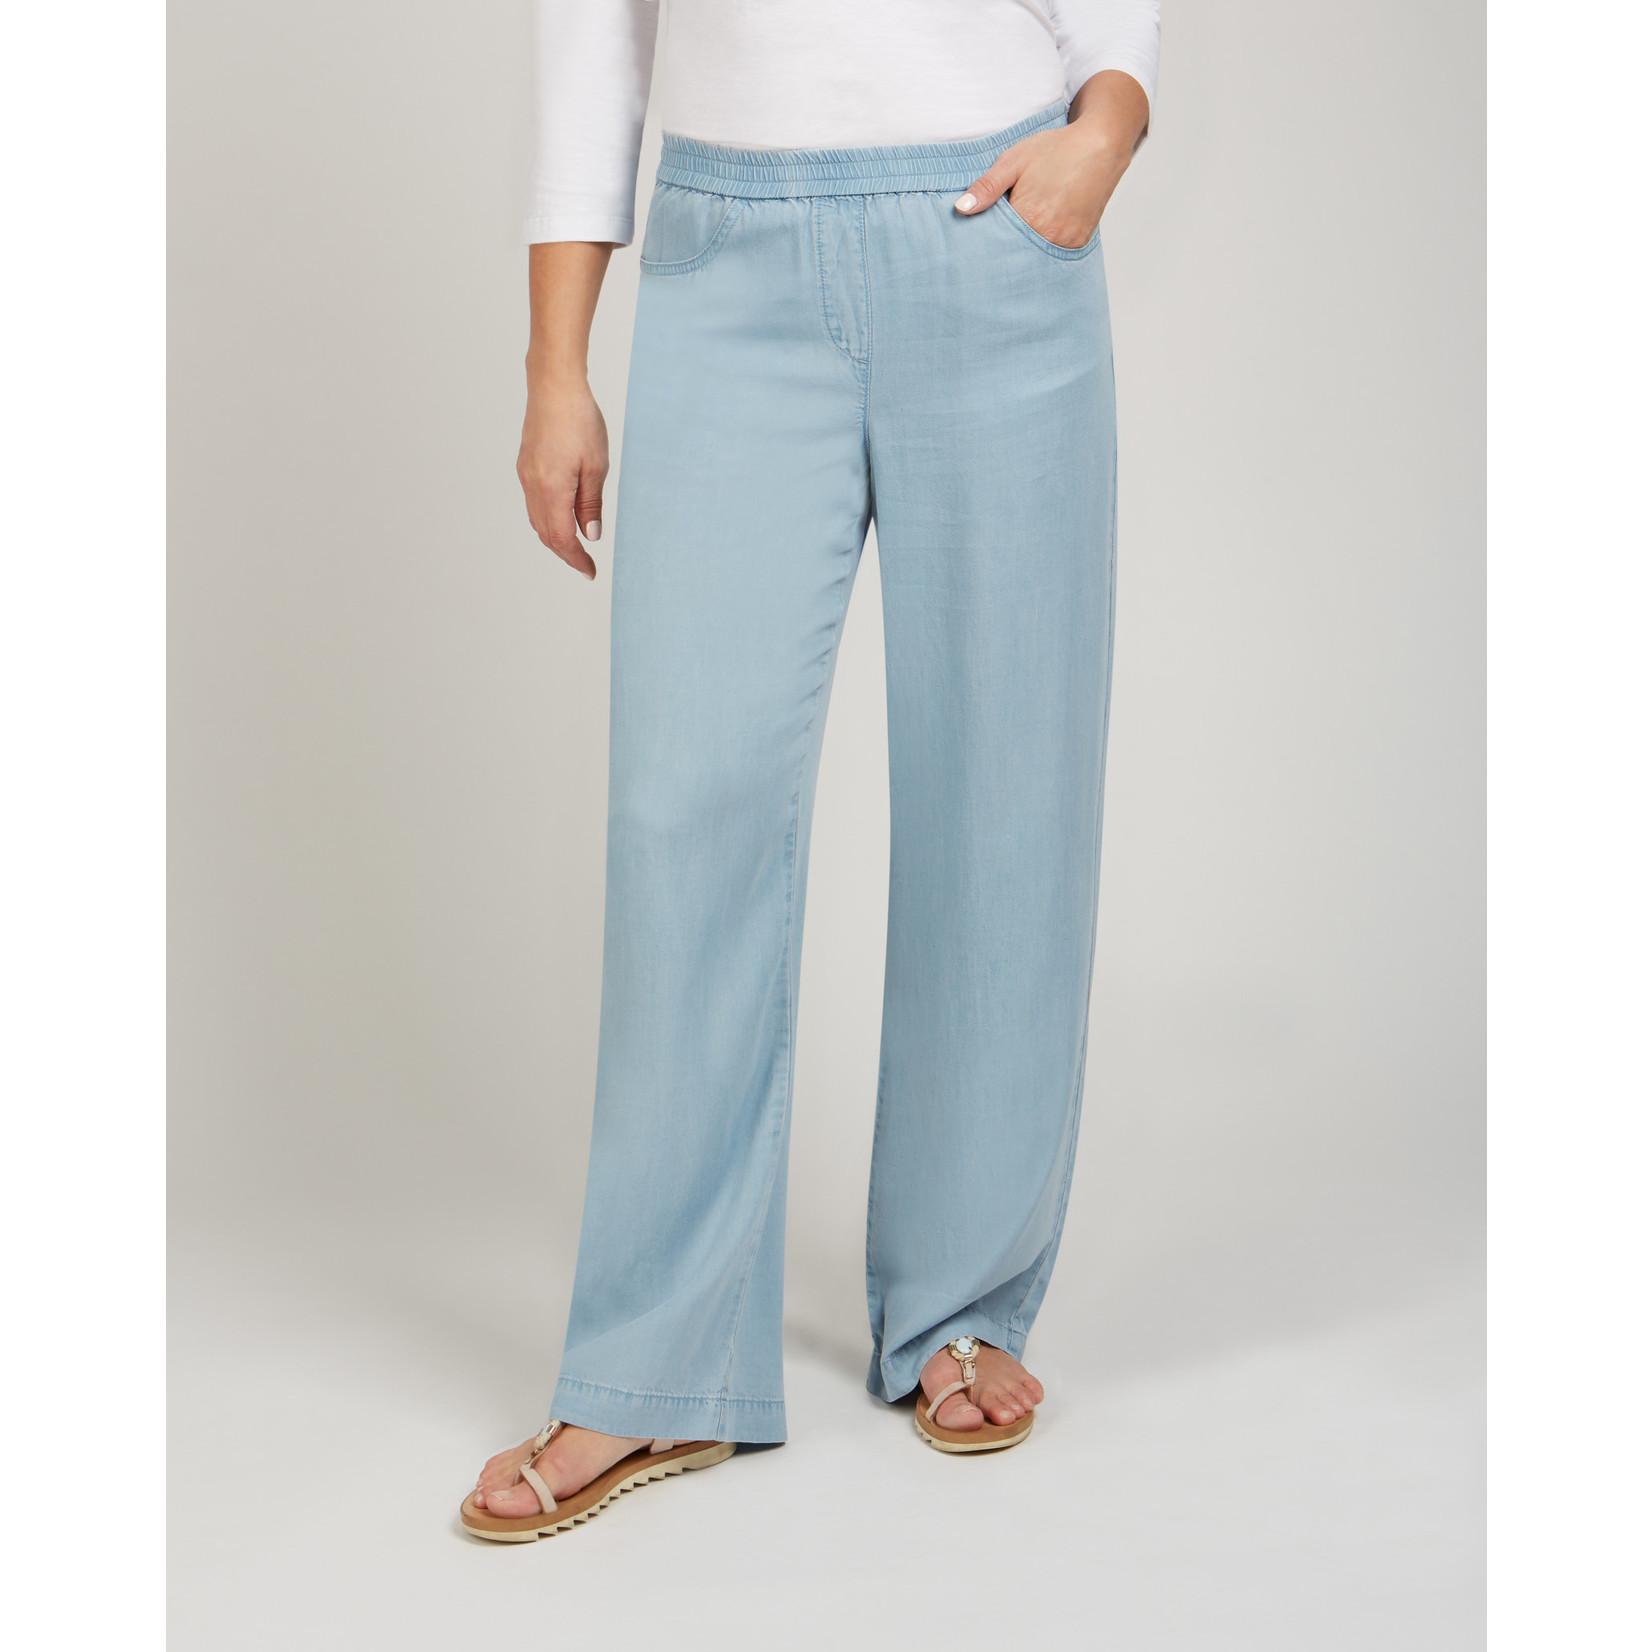 Renuar Light Blue Woven Pant